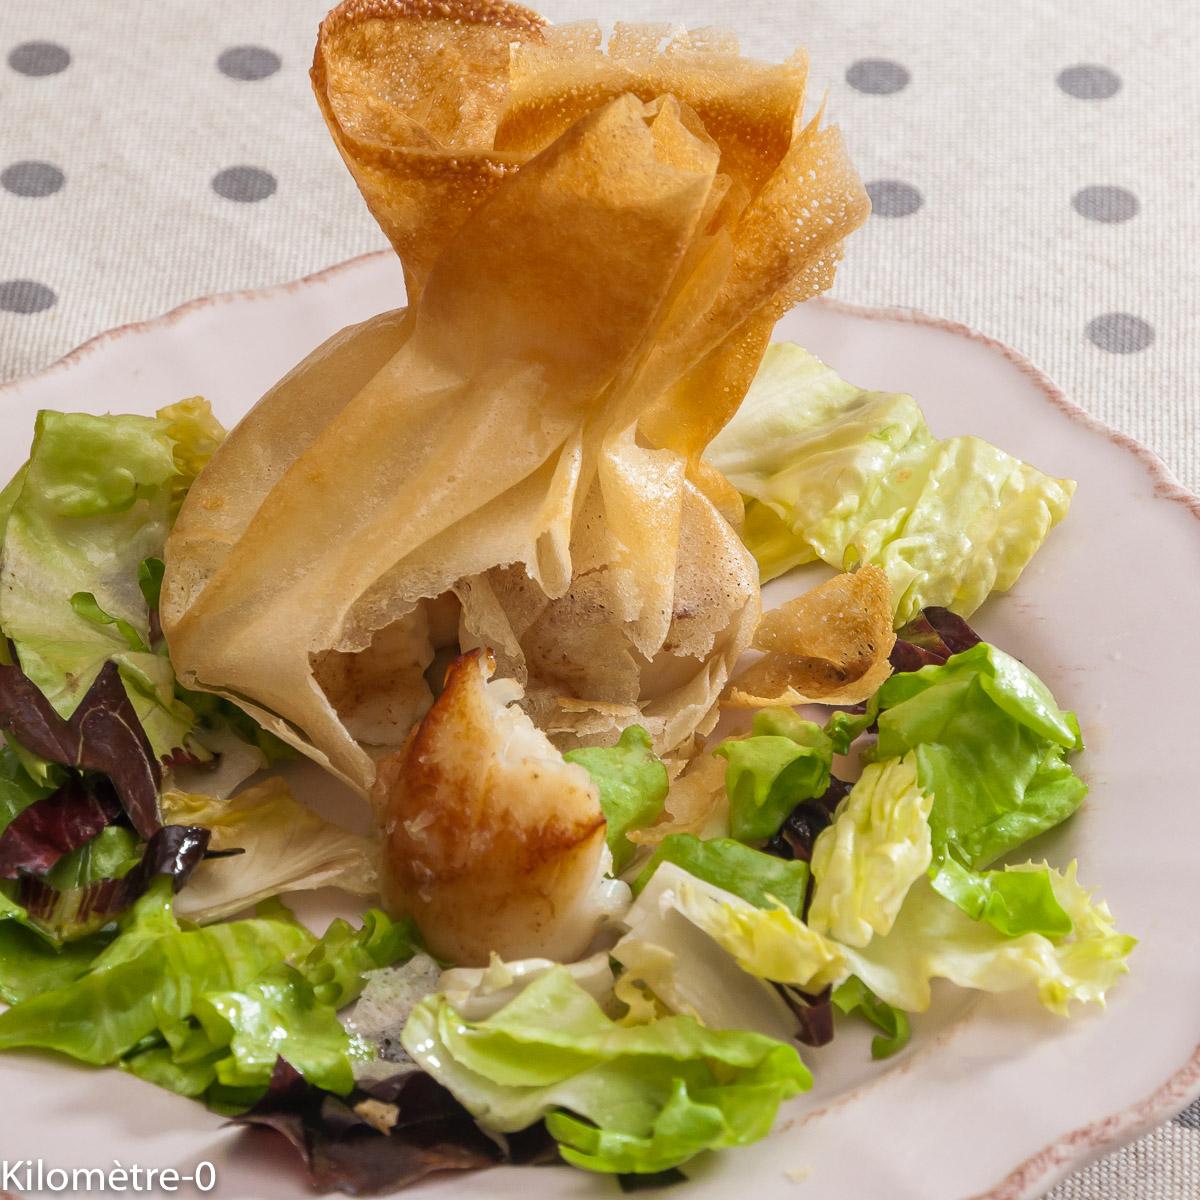 Photo de recette de brik saint jacques facile de Kilomètre-0, blog de cuisine réalisée à partir de produits locaux et issus de circuits courts